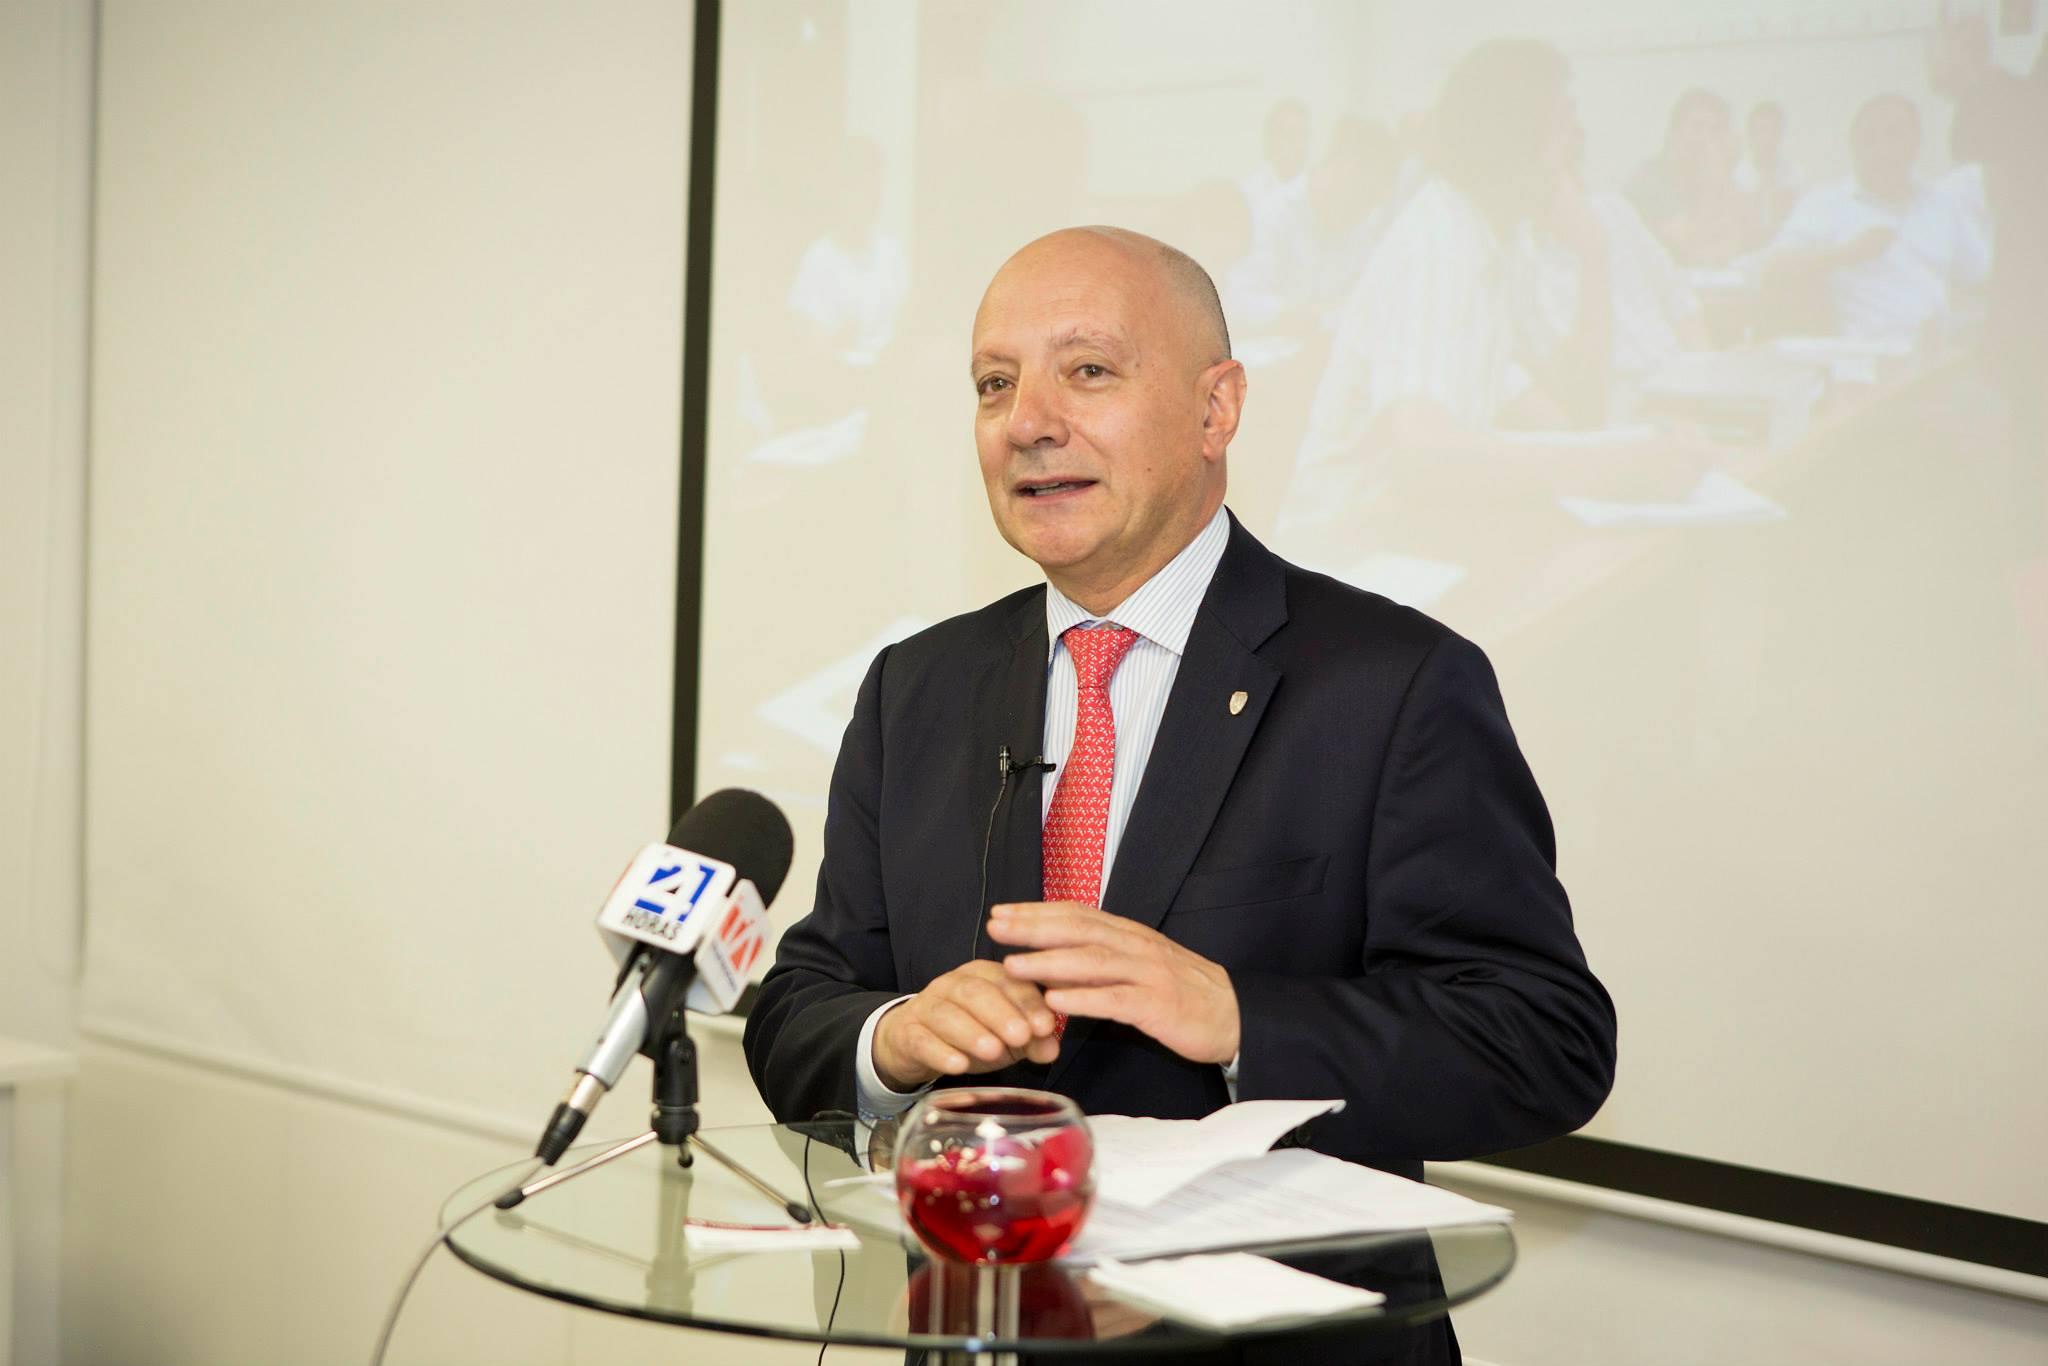 Ricardo Greco Guiñazú hablando del futuro de ADEN en Latinamérica